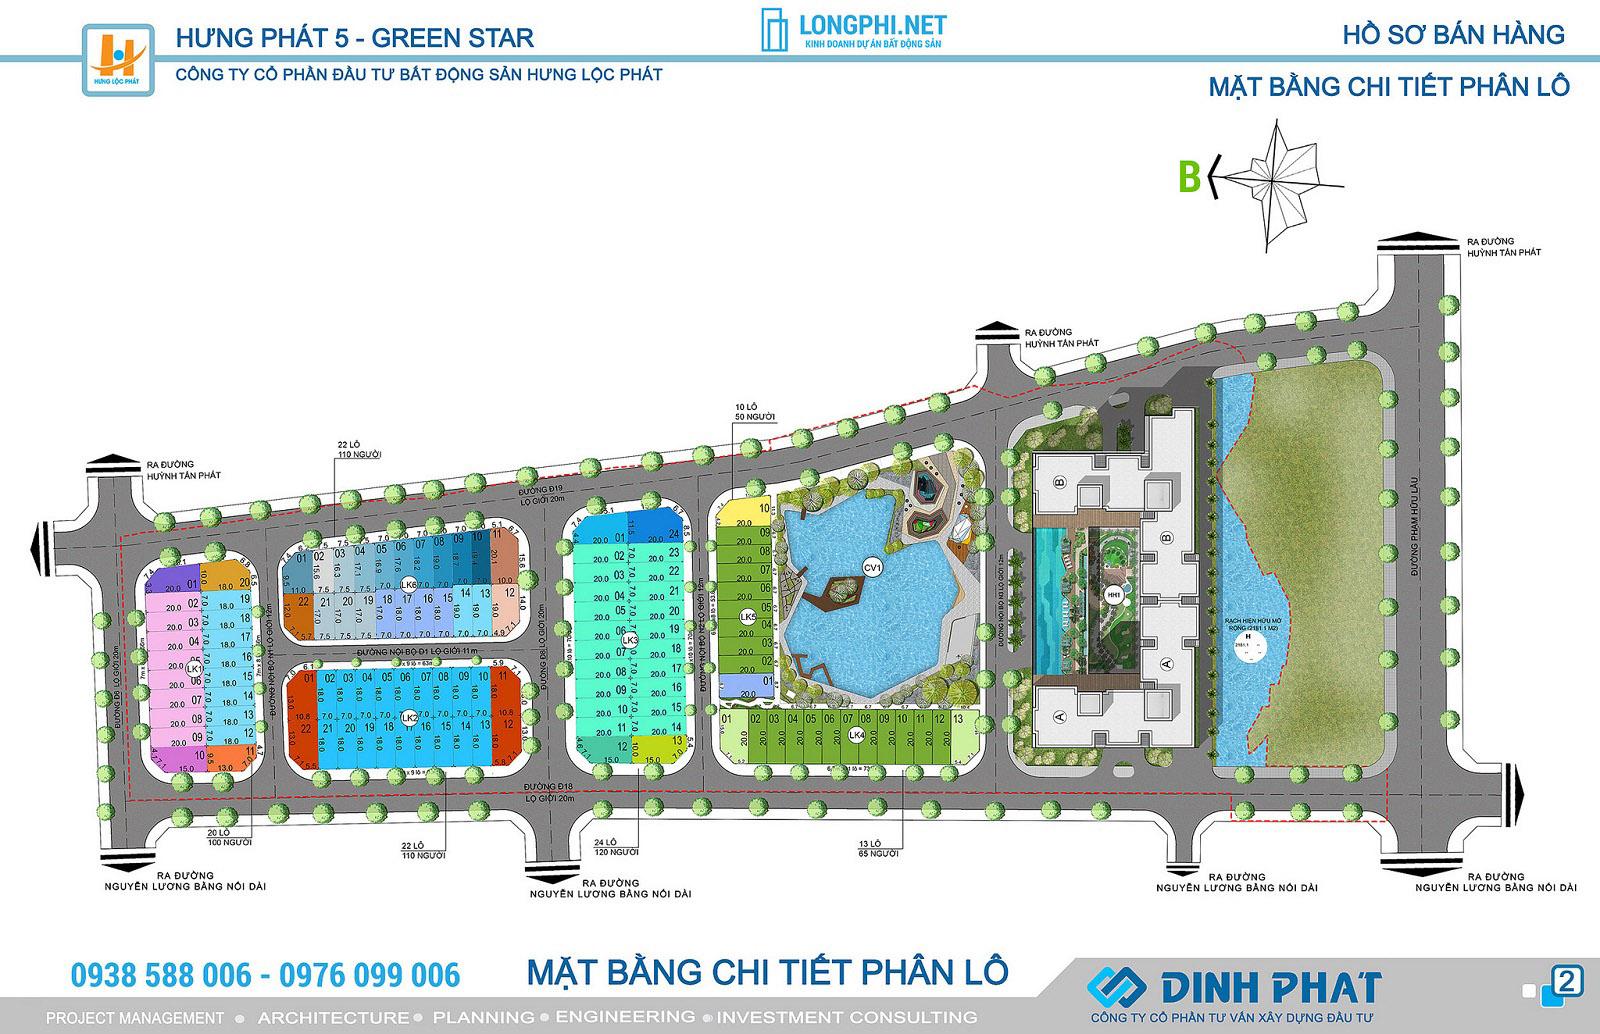 Chi tiết mặt bằng phân lô dự án Hưng Phát Green Star quận 7 - Hưng Lộc Phát.